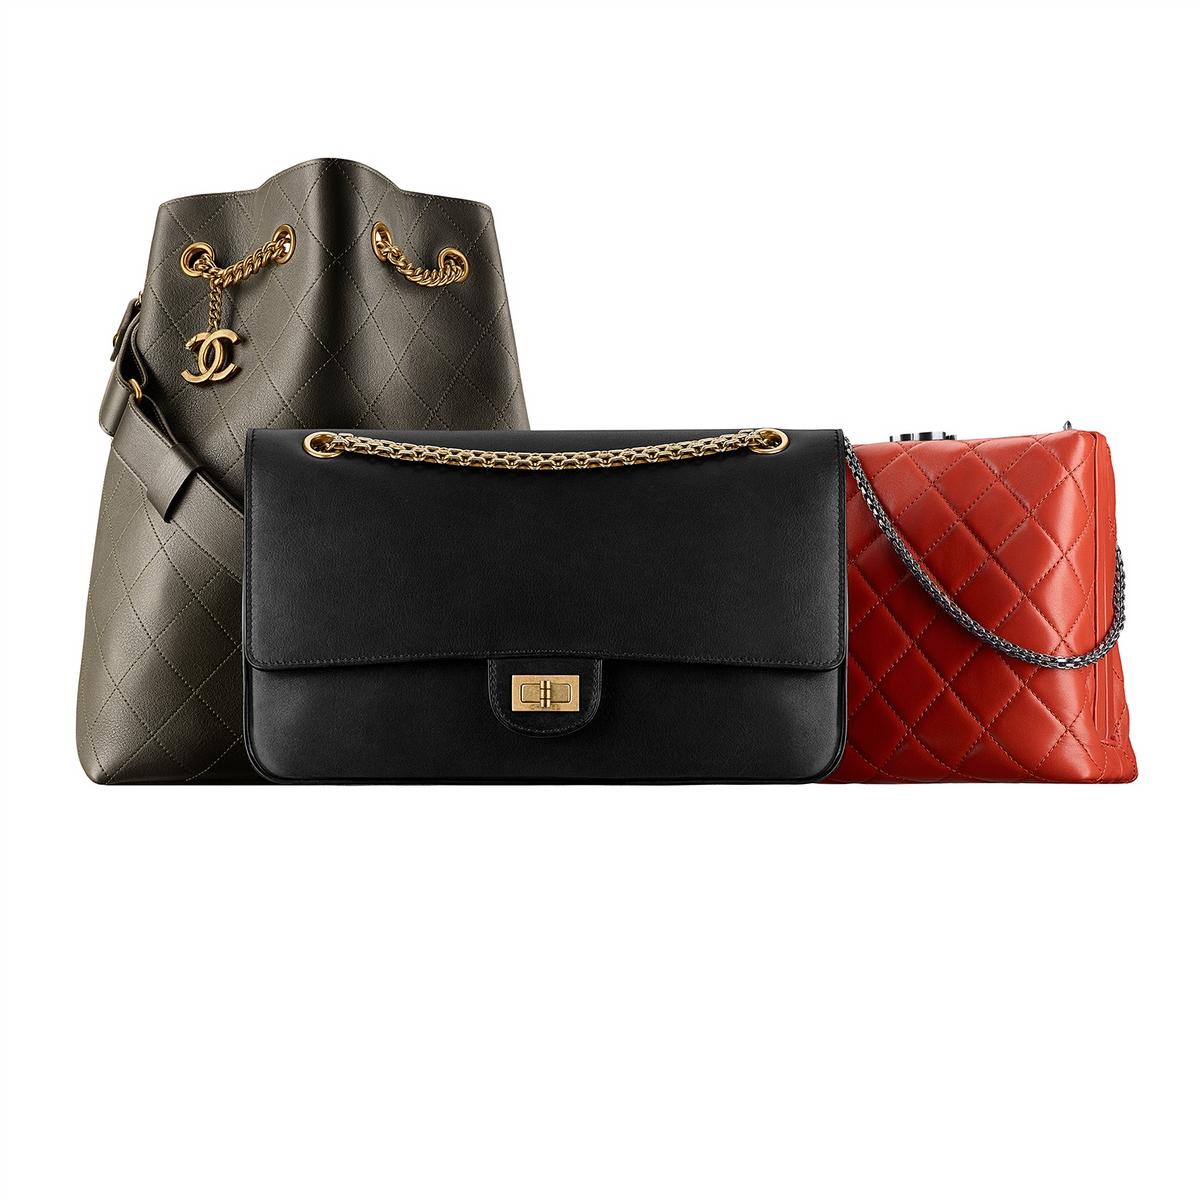 在2016年CHANEL香奈兒為2.55包款推出全新 Soft Leather 超柔軟皮革包款系列,選用上乘的小牛皮最柔軟的部位的皮革,重新演繹2.55包的優雅奢華。